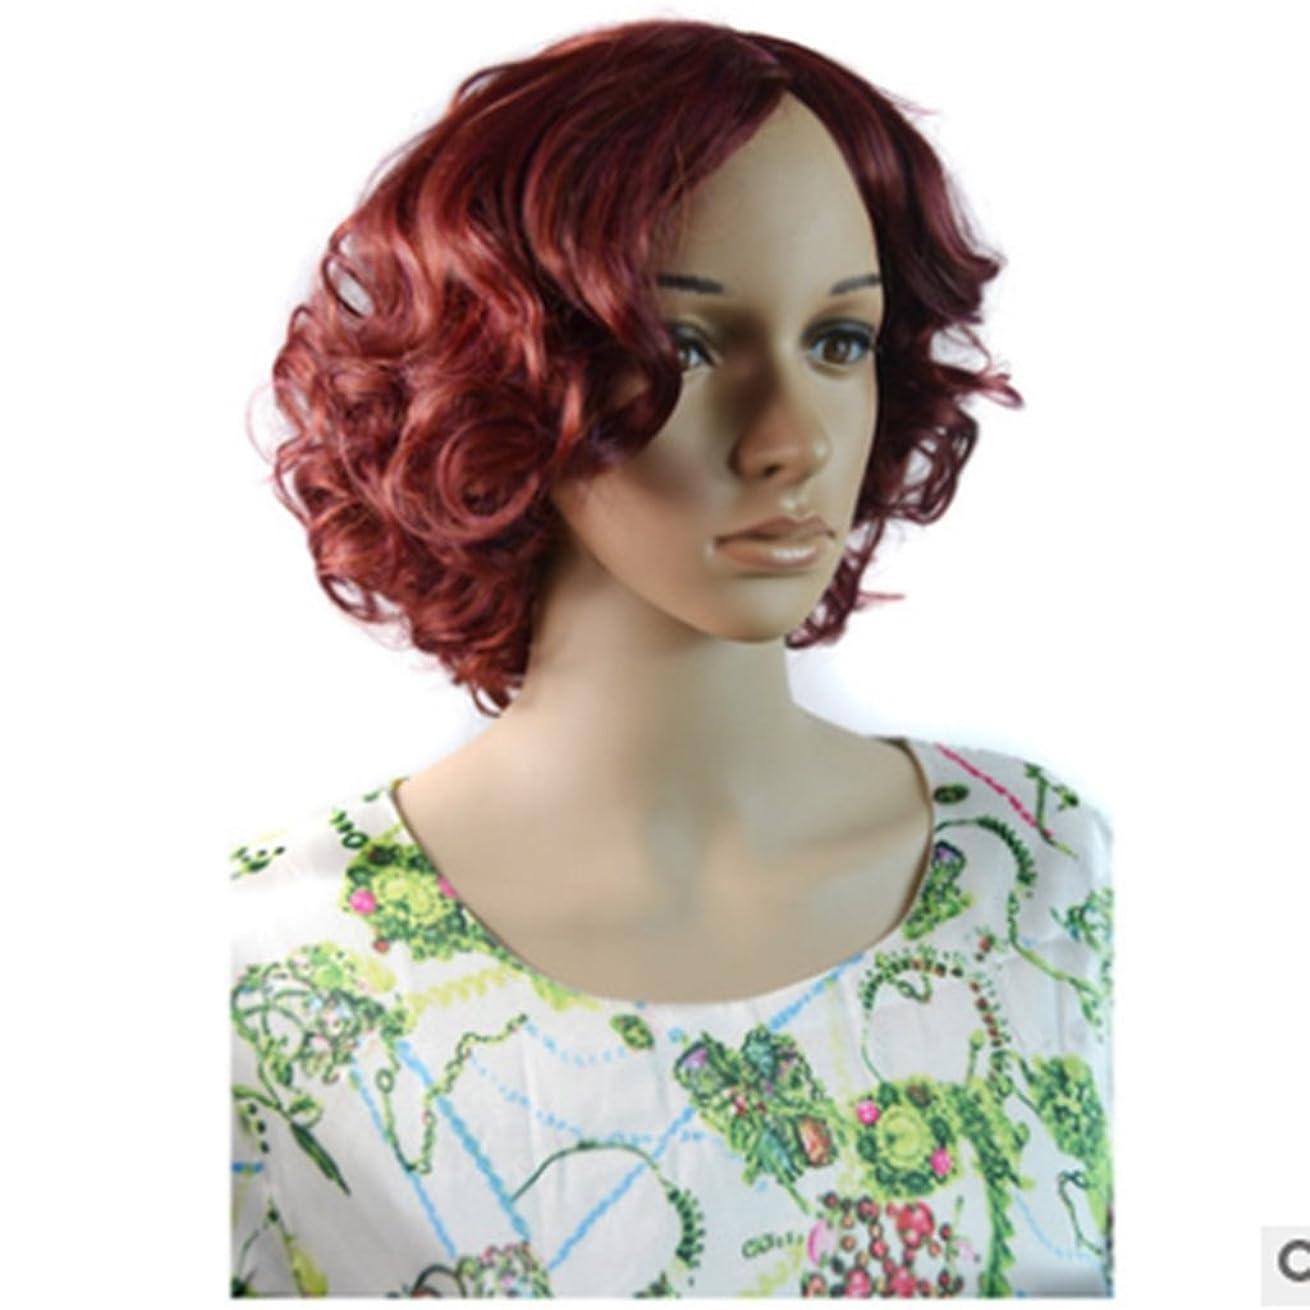 失業隣接する故国Koloeplf 職場の気質調整可能なサイズのための短く、髪の髪をバラネット40cm女性のかつら (Color : ワイレッド)